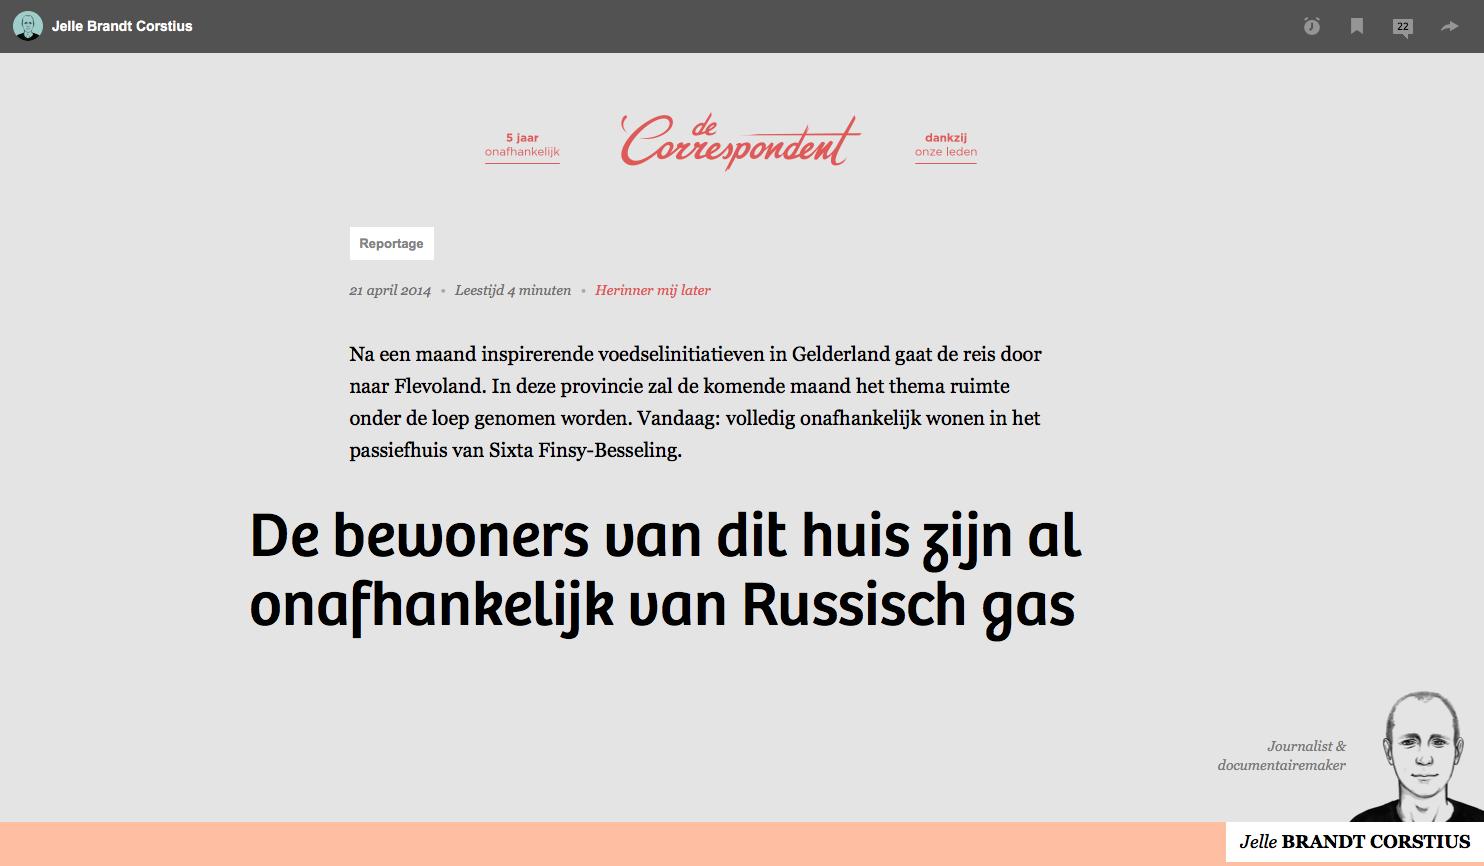 De bewoners van dit huis zijn al onafhankelijk van Russisch gas